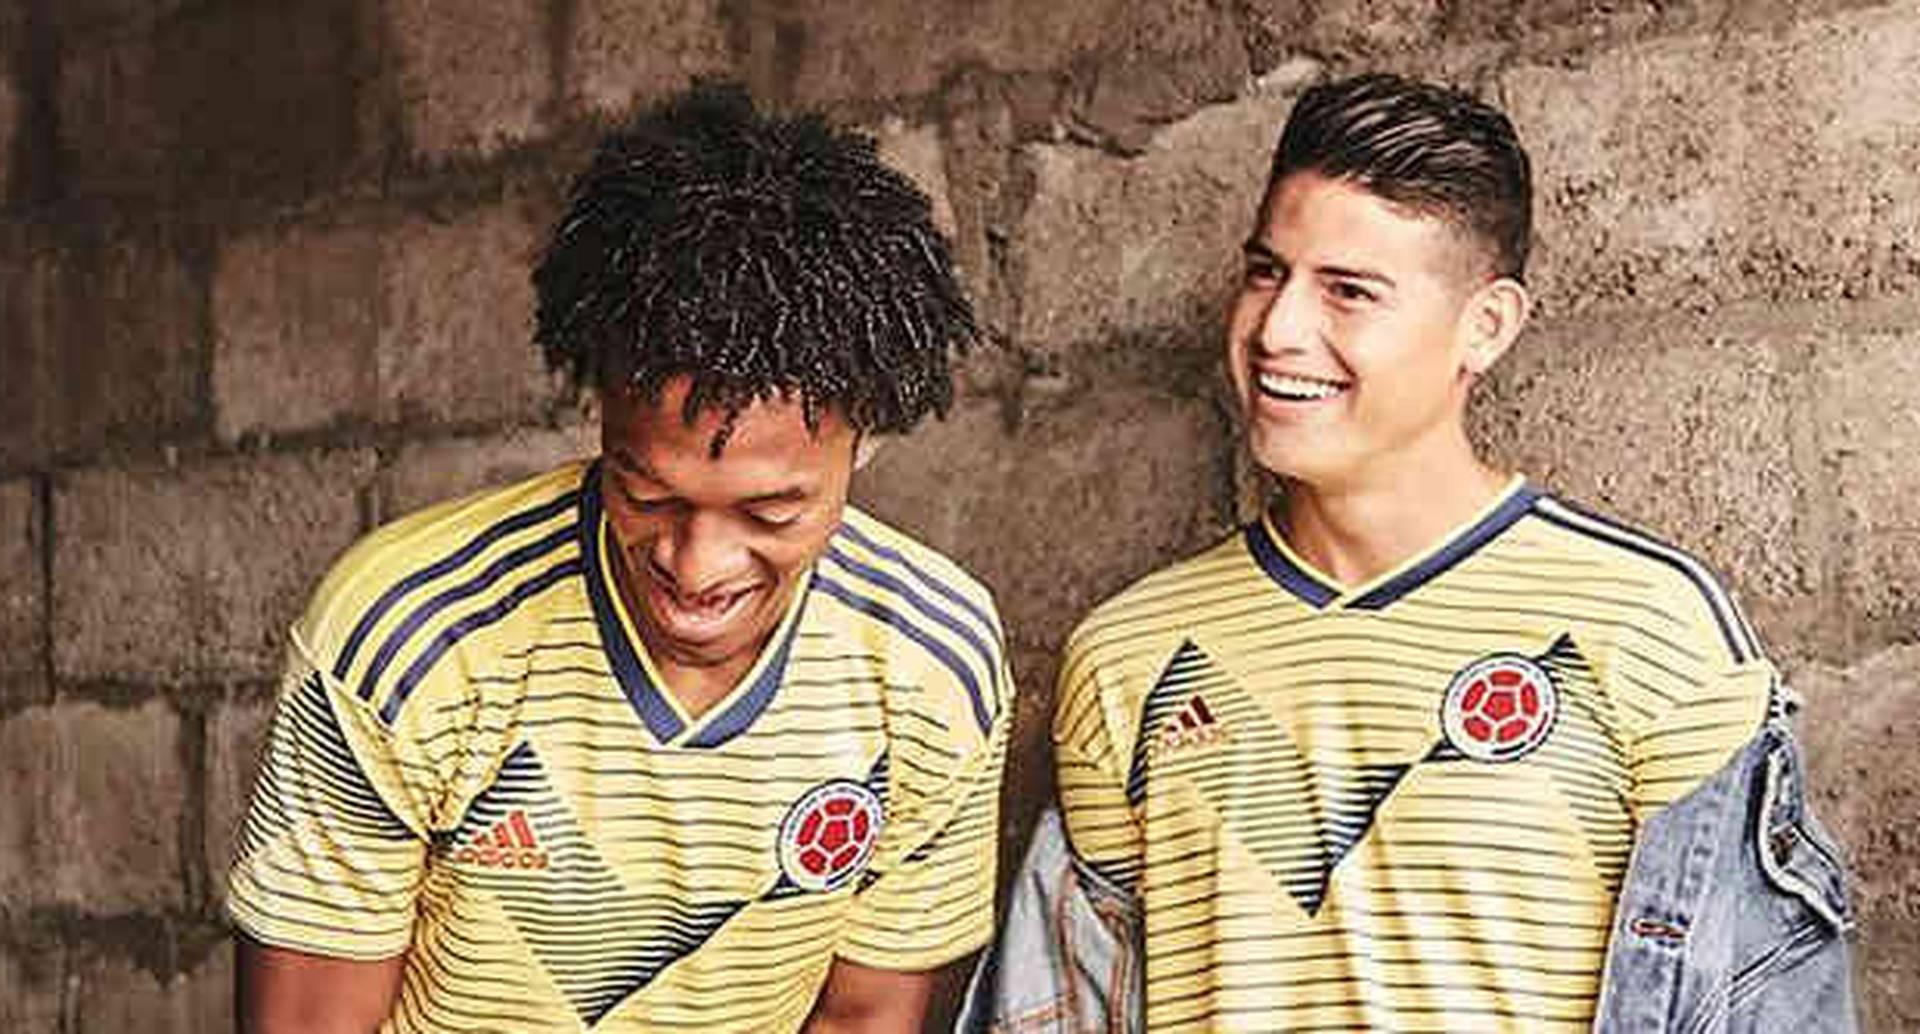 La camiseta está inspirada en  en los patrones tradicionales que adornan los sombreros y faldas de los bailarines de cumbia colombianos.